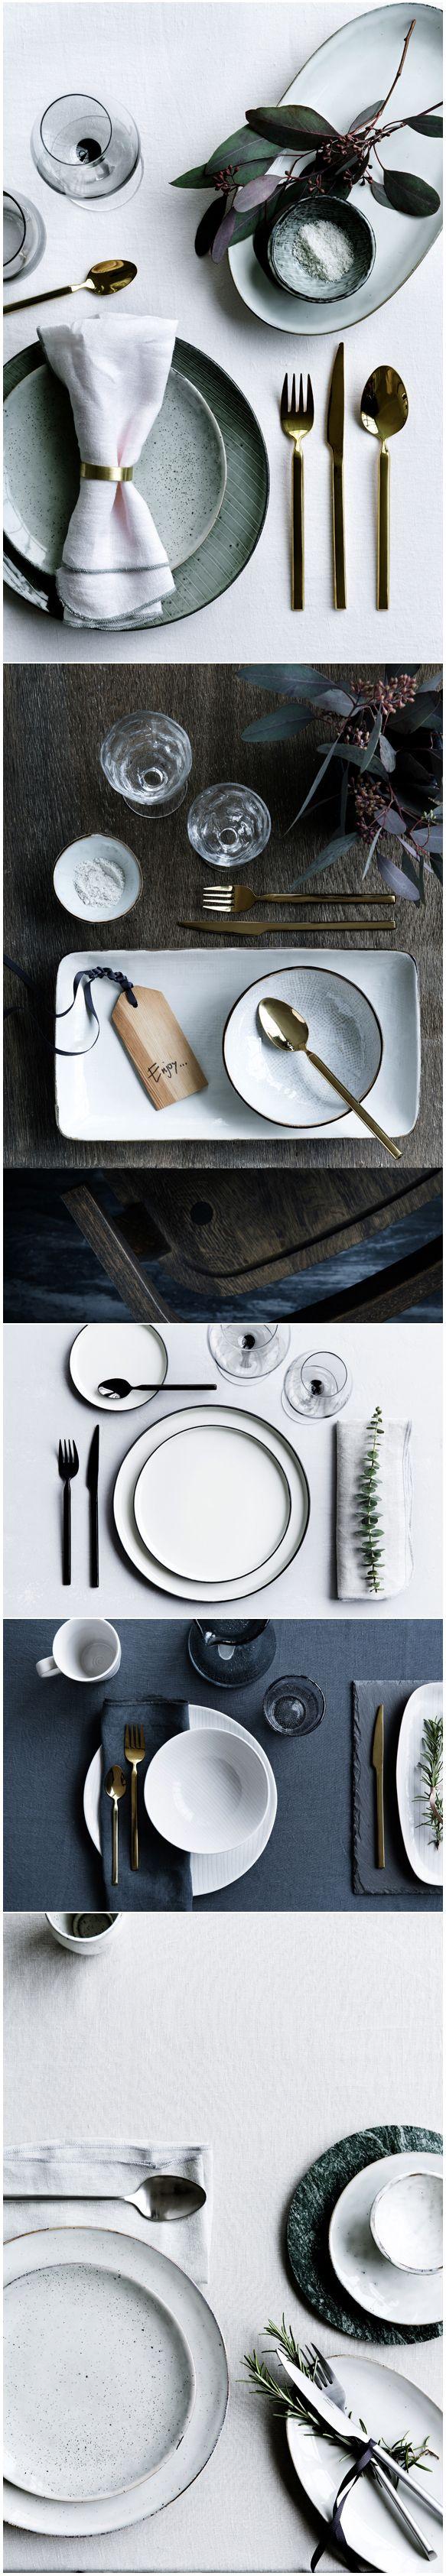 set the table with broste copenhagen eat pinterest geschirr keramikgeschirr und k chen. Black Bedroom Furniture Sets. Home Design Ideas